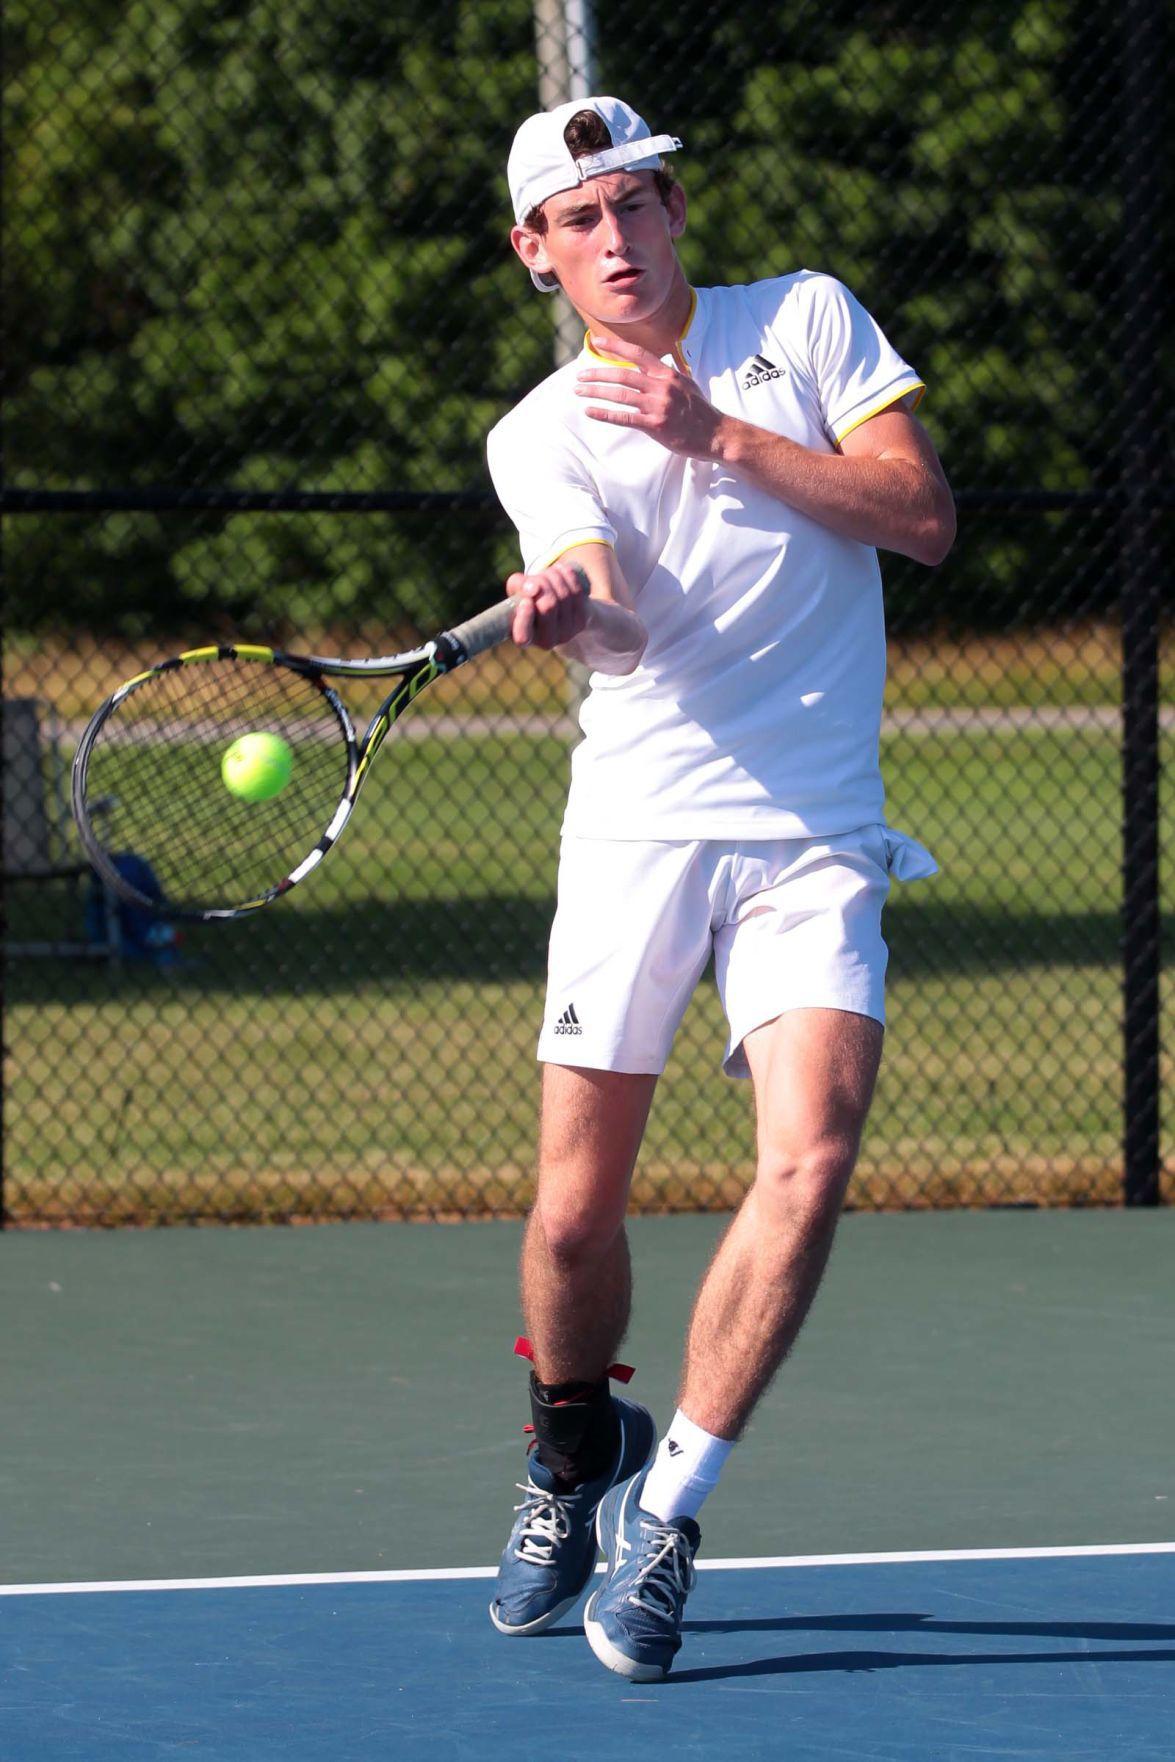 tennis_carson_eberle_fc.jpg